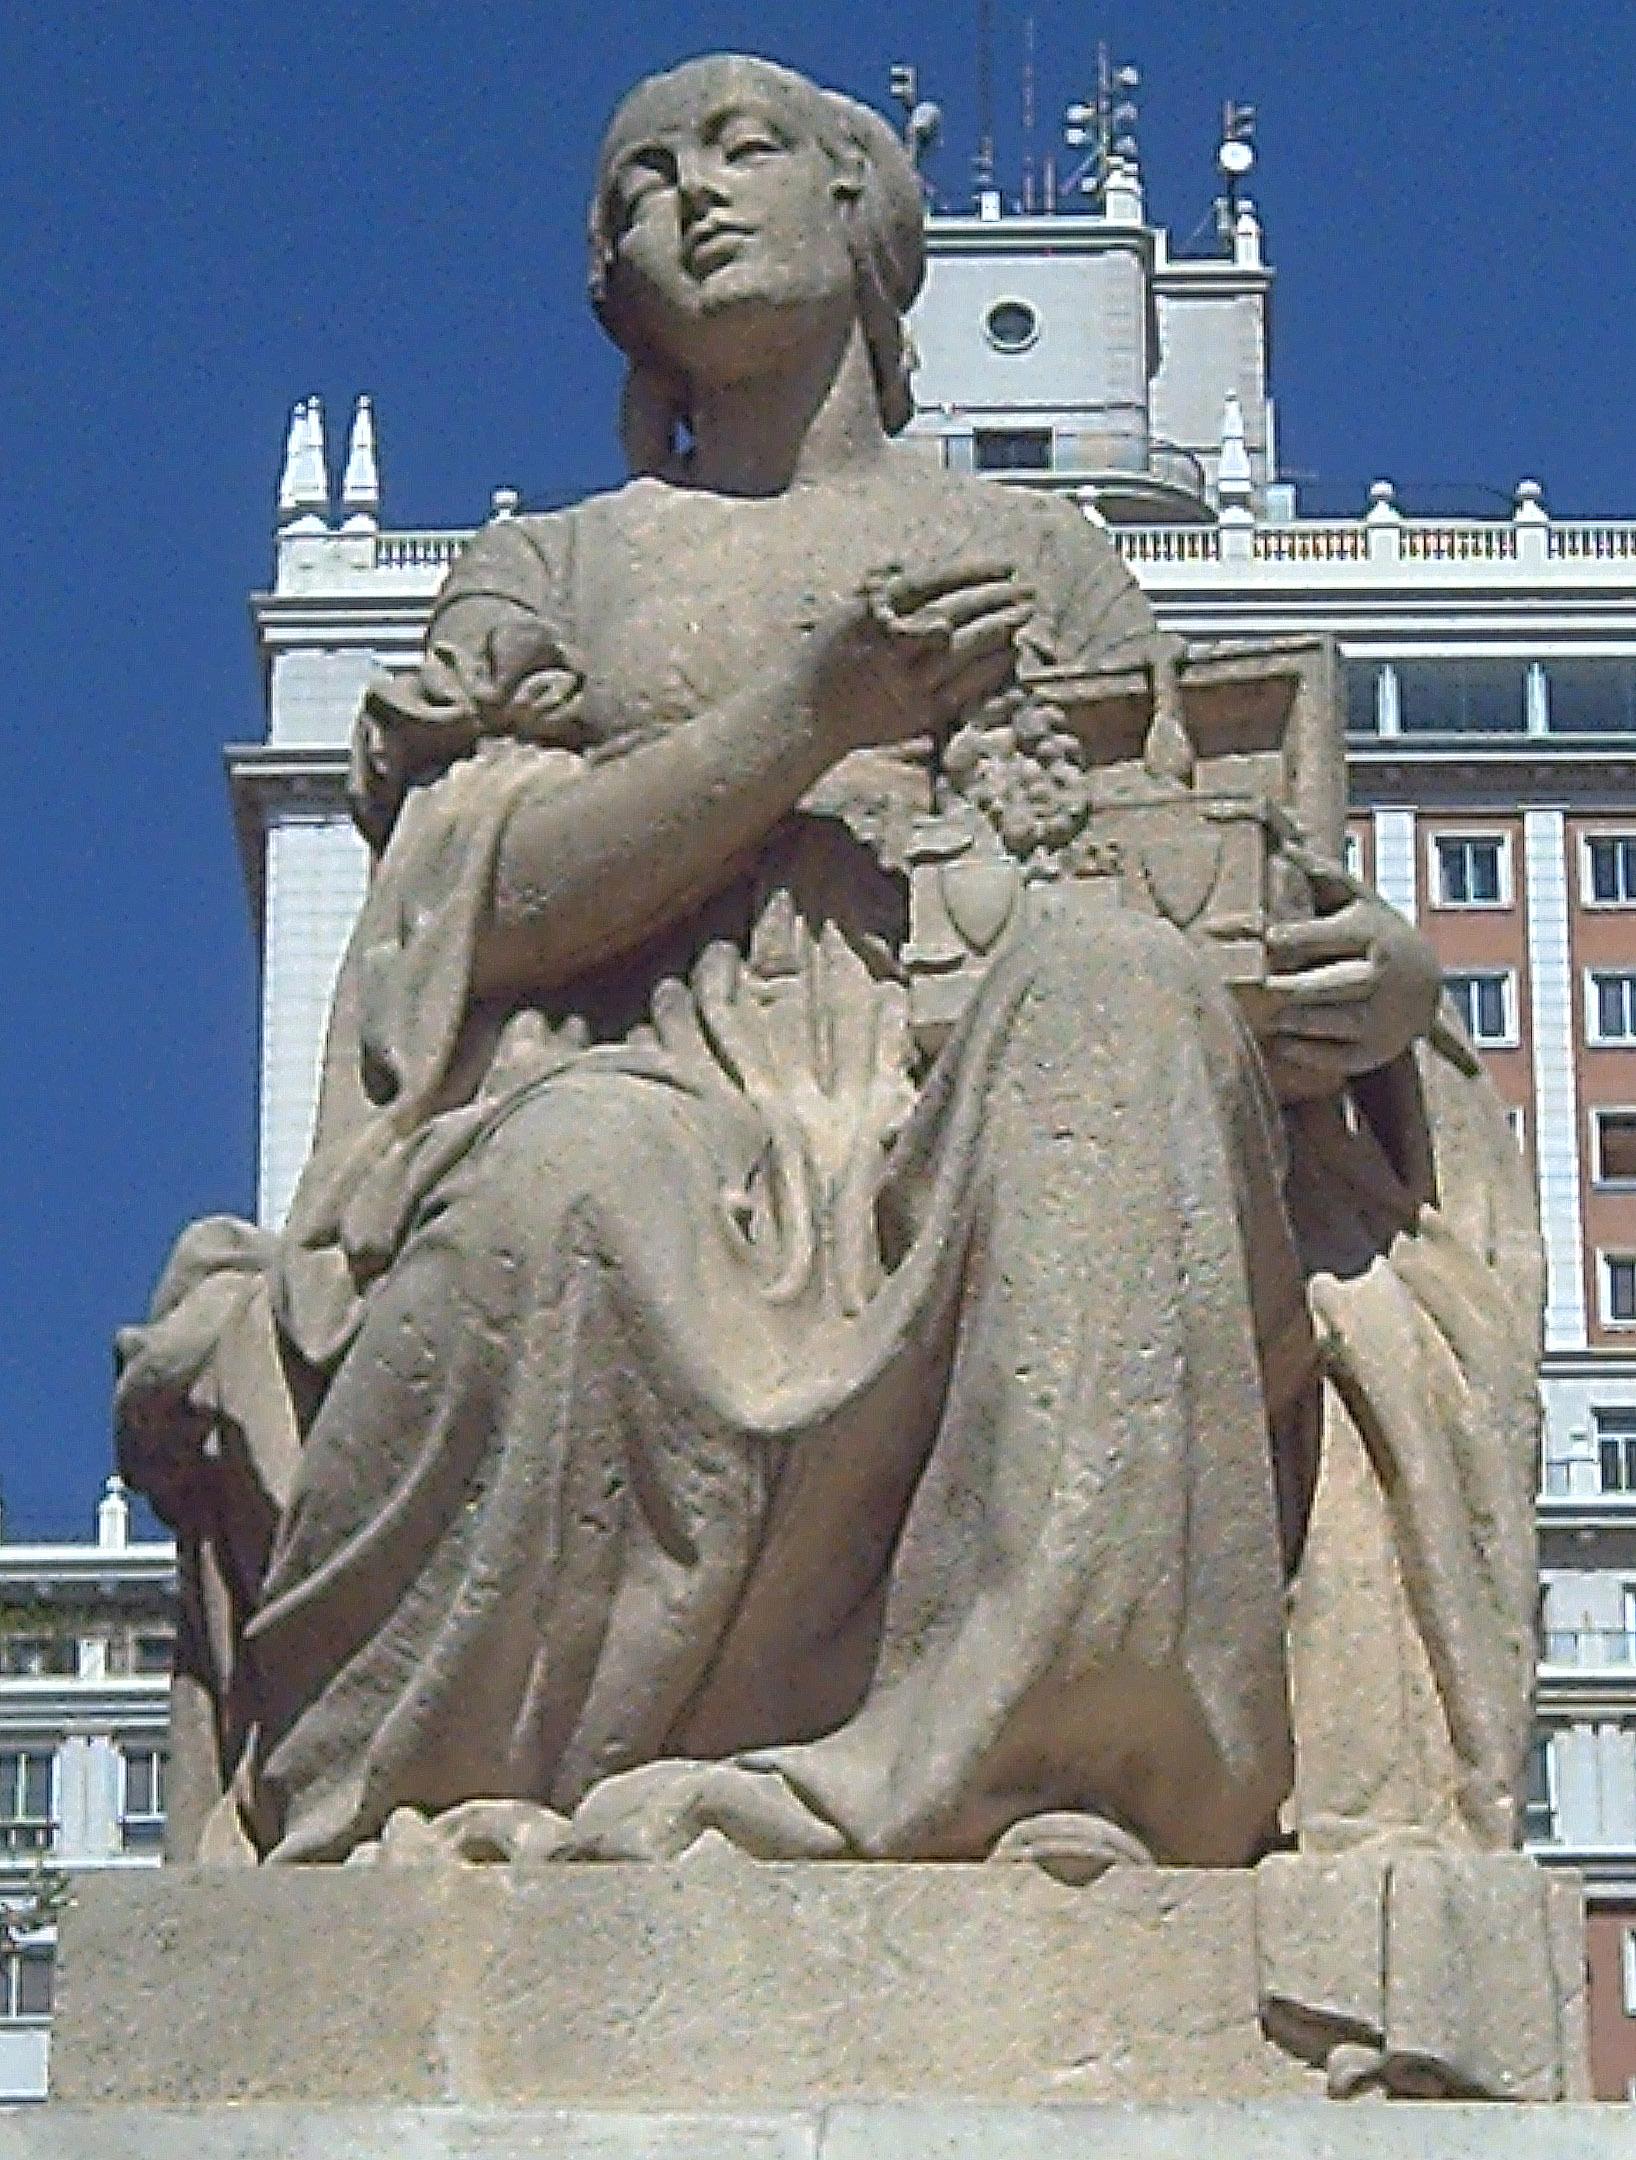 Дульсинея Тобосская, статуя у памятника Сервантесу в Мадриде. Скульптор Federico Coullaut-Valera (1912–1989)